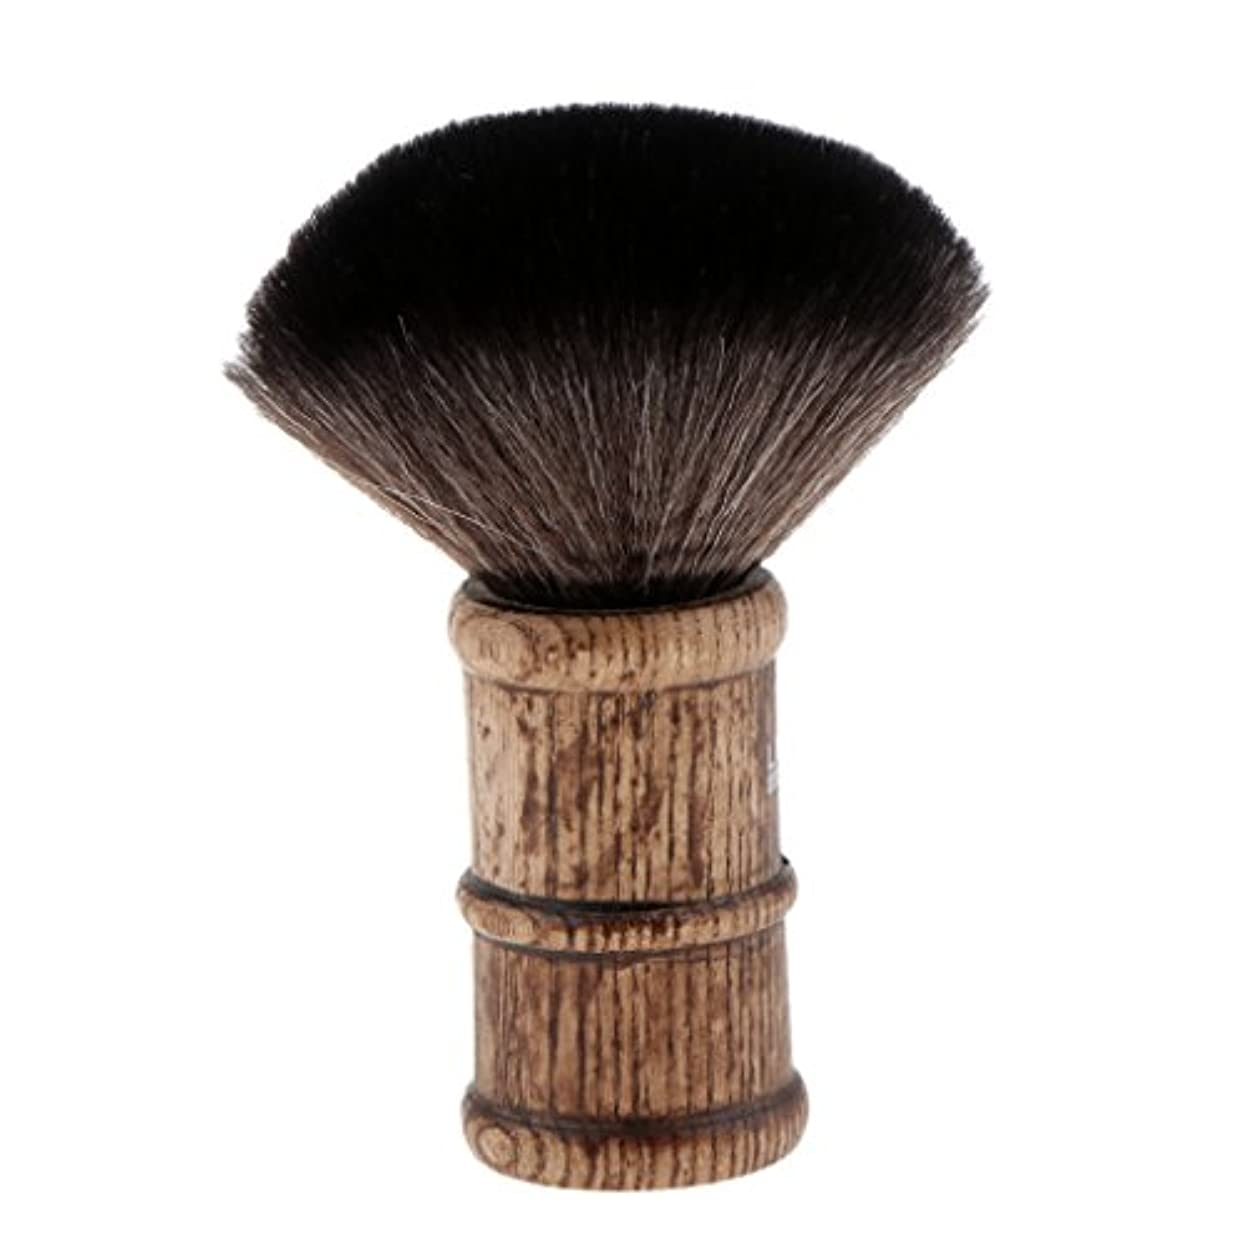 本質的に学校によるとヘアカット ブラシ ネックダスターブラシ 散髪ブラシ 柔らかい フェイスブラシ 2色選べる - ブラック